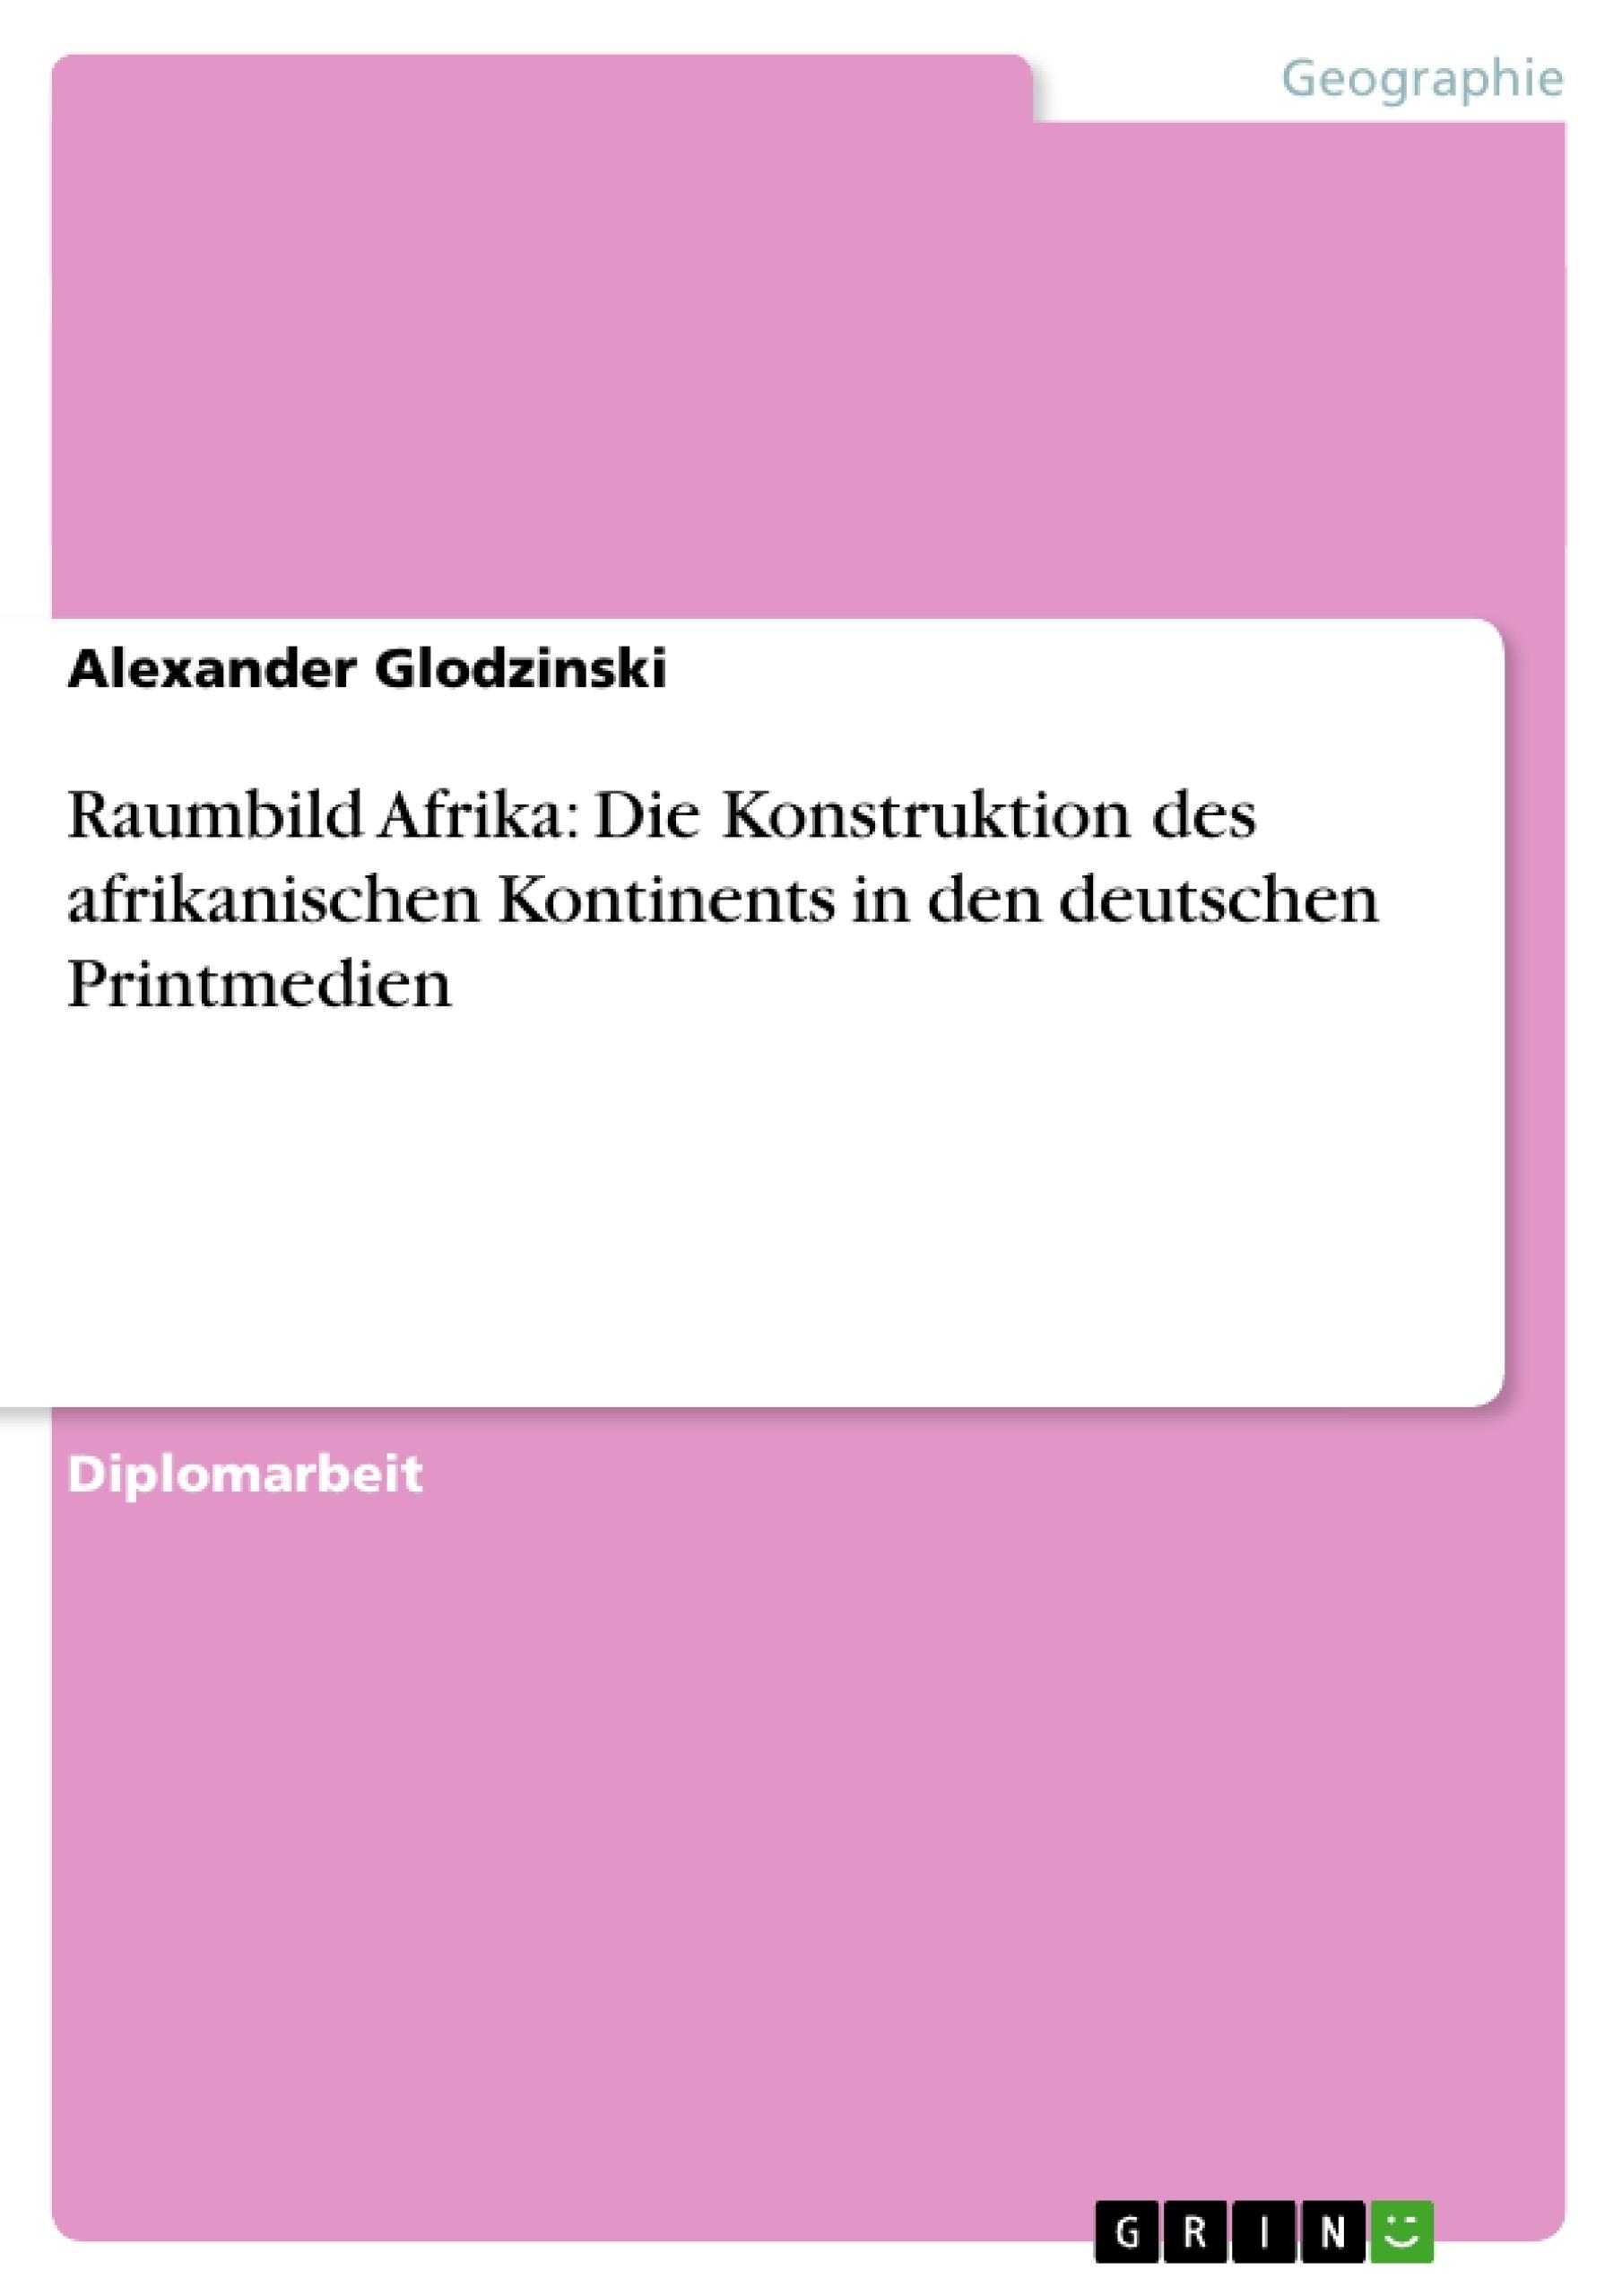 Titel: Raumbild Afrika: Die Konstruktion des afrikanischen Kontinents in den deutschen Printmedien